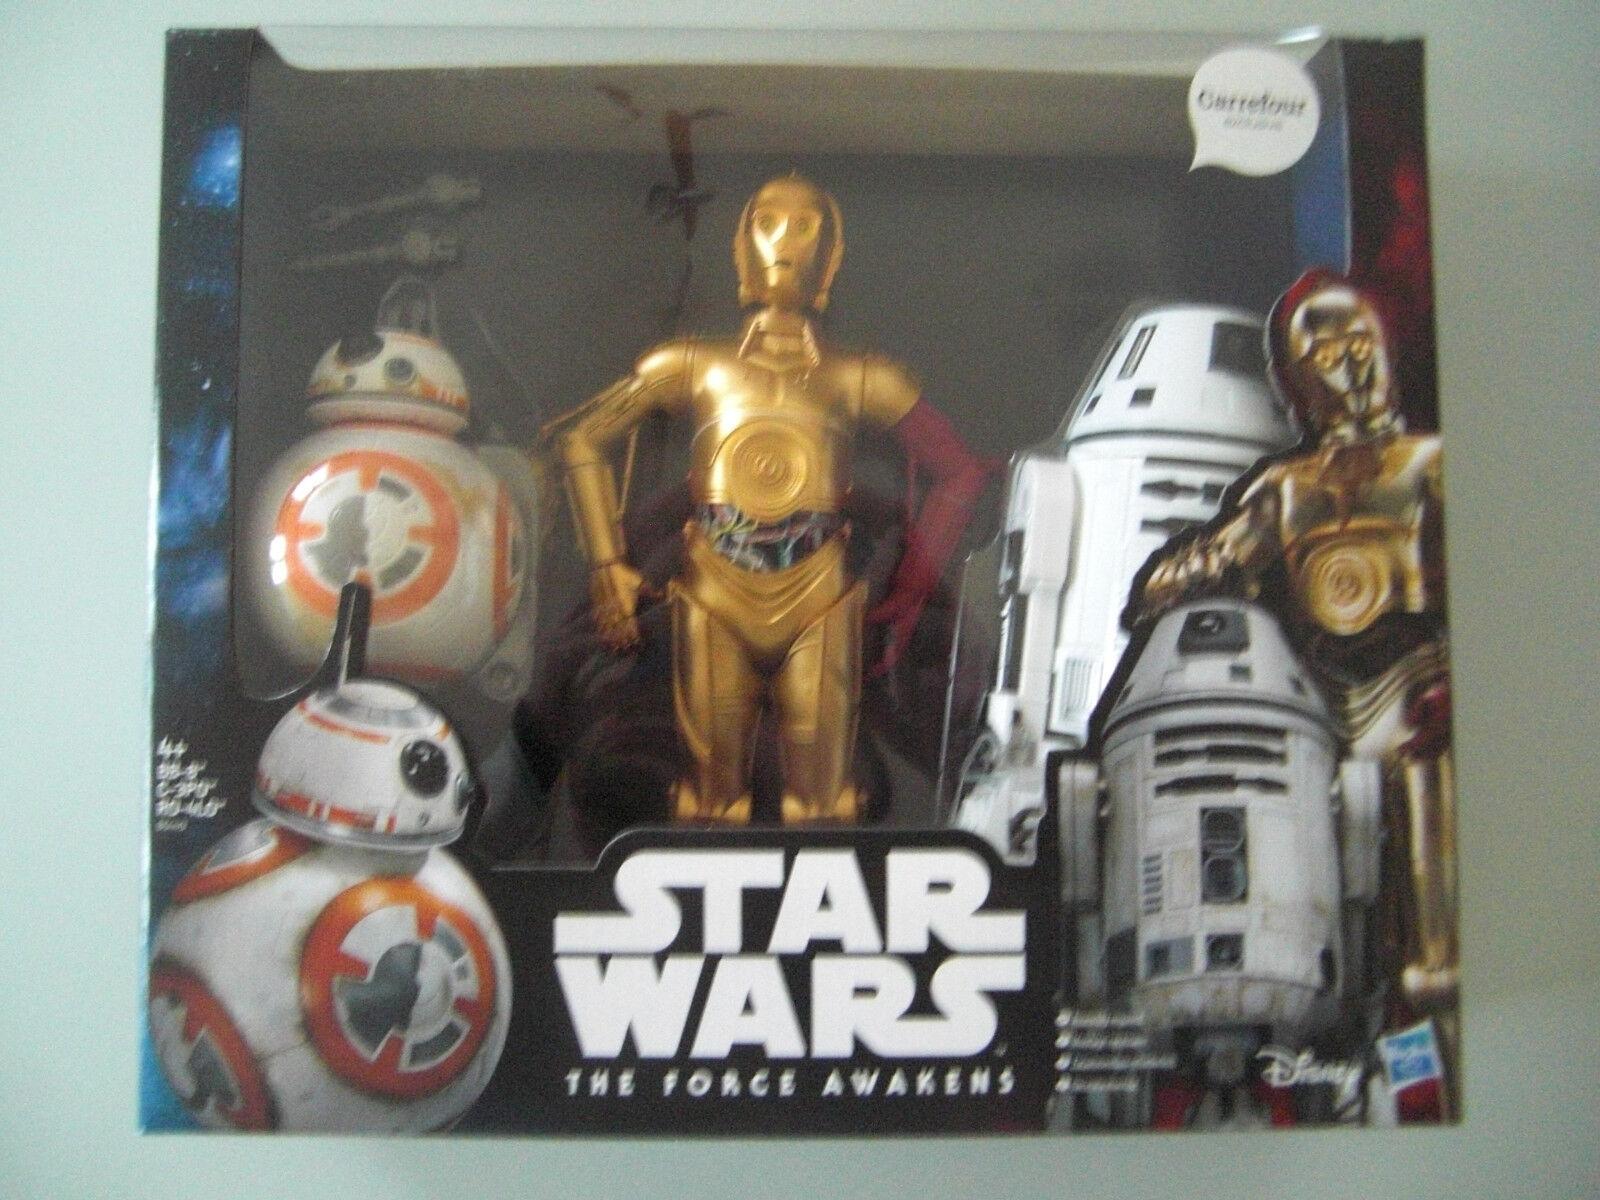 Figurine StarWars : STAR WARS FIGURINES EXCLUSIVES 12 POUCES DROIDS BB-8 C-3PO ET RO-4LO EN BOITE